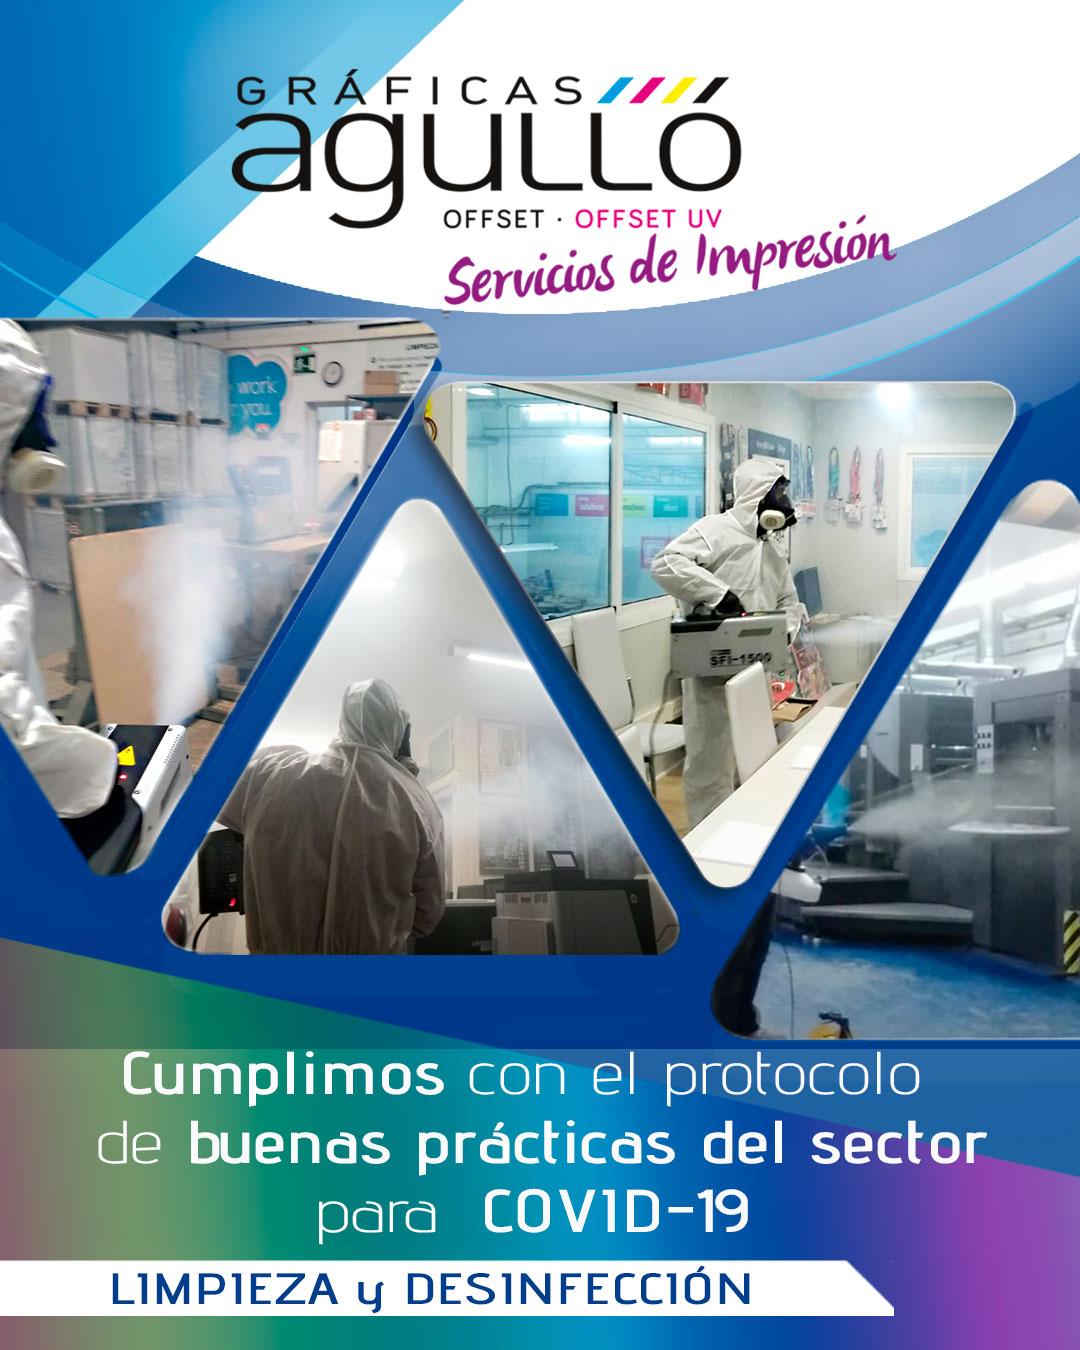 Imagen Desinfección Gráficas Agulló